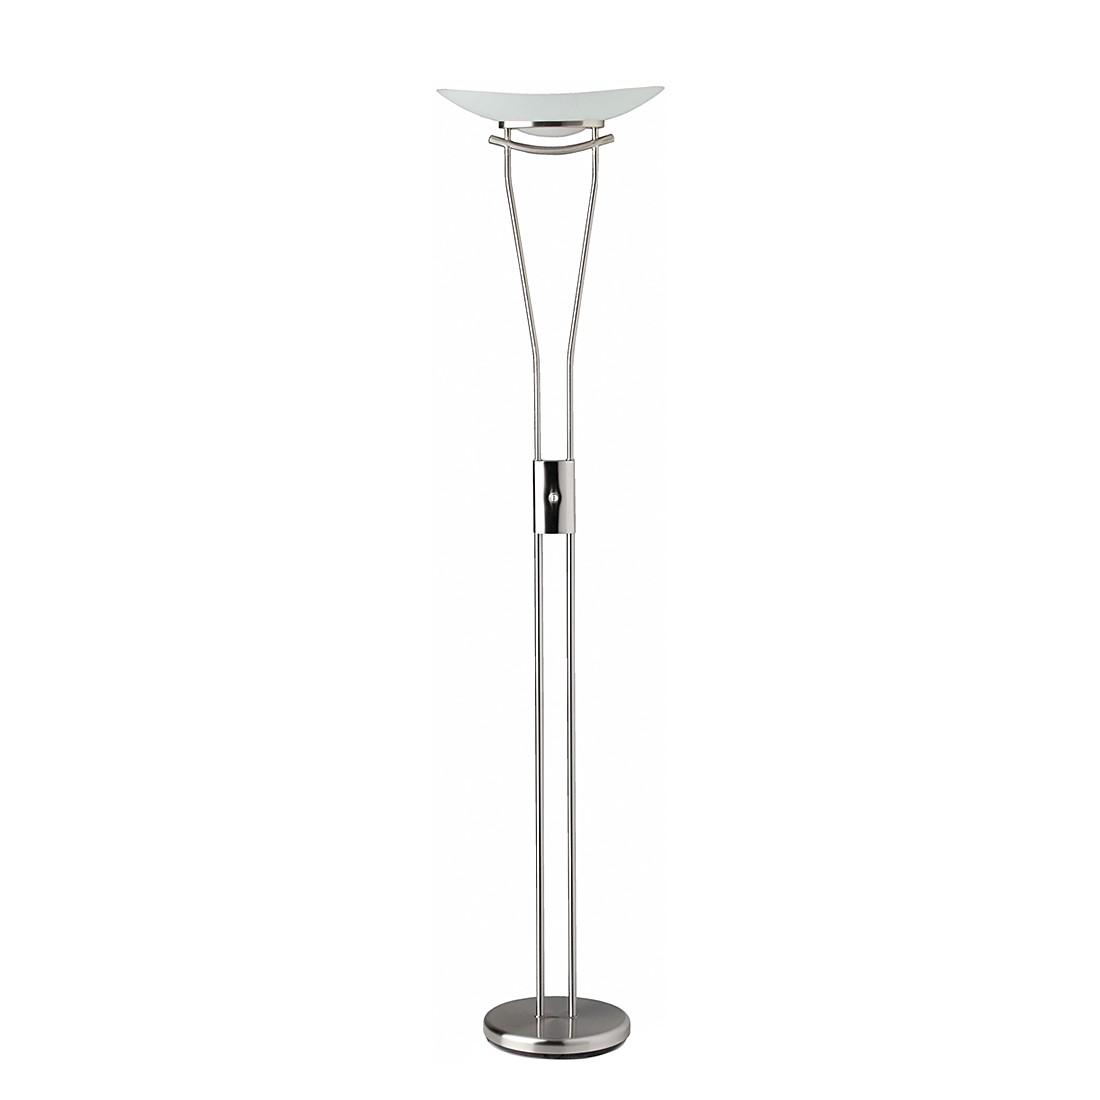 EEK A+, Lampadaire Ravenna - 1 ampoule, Brilliant